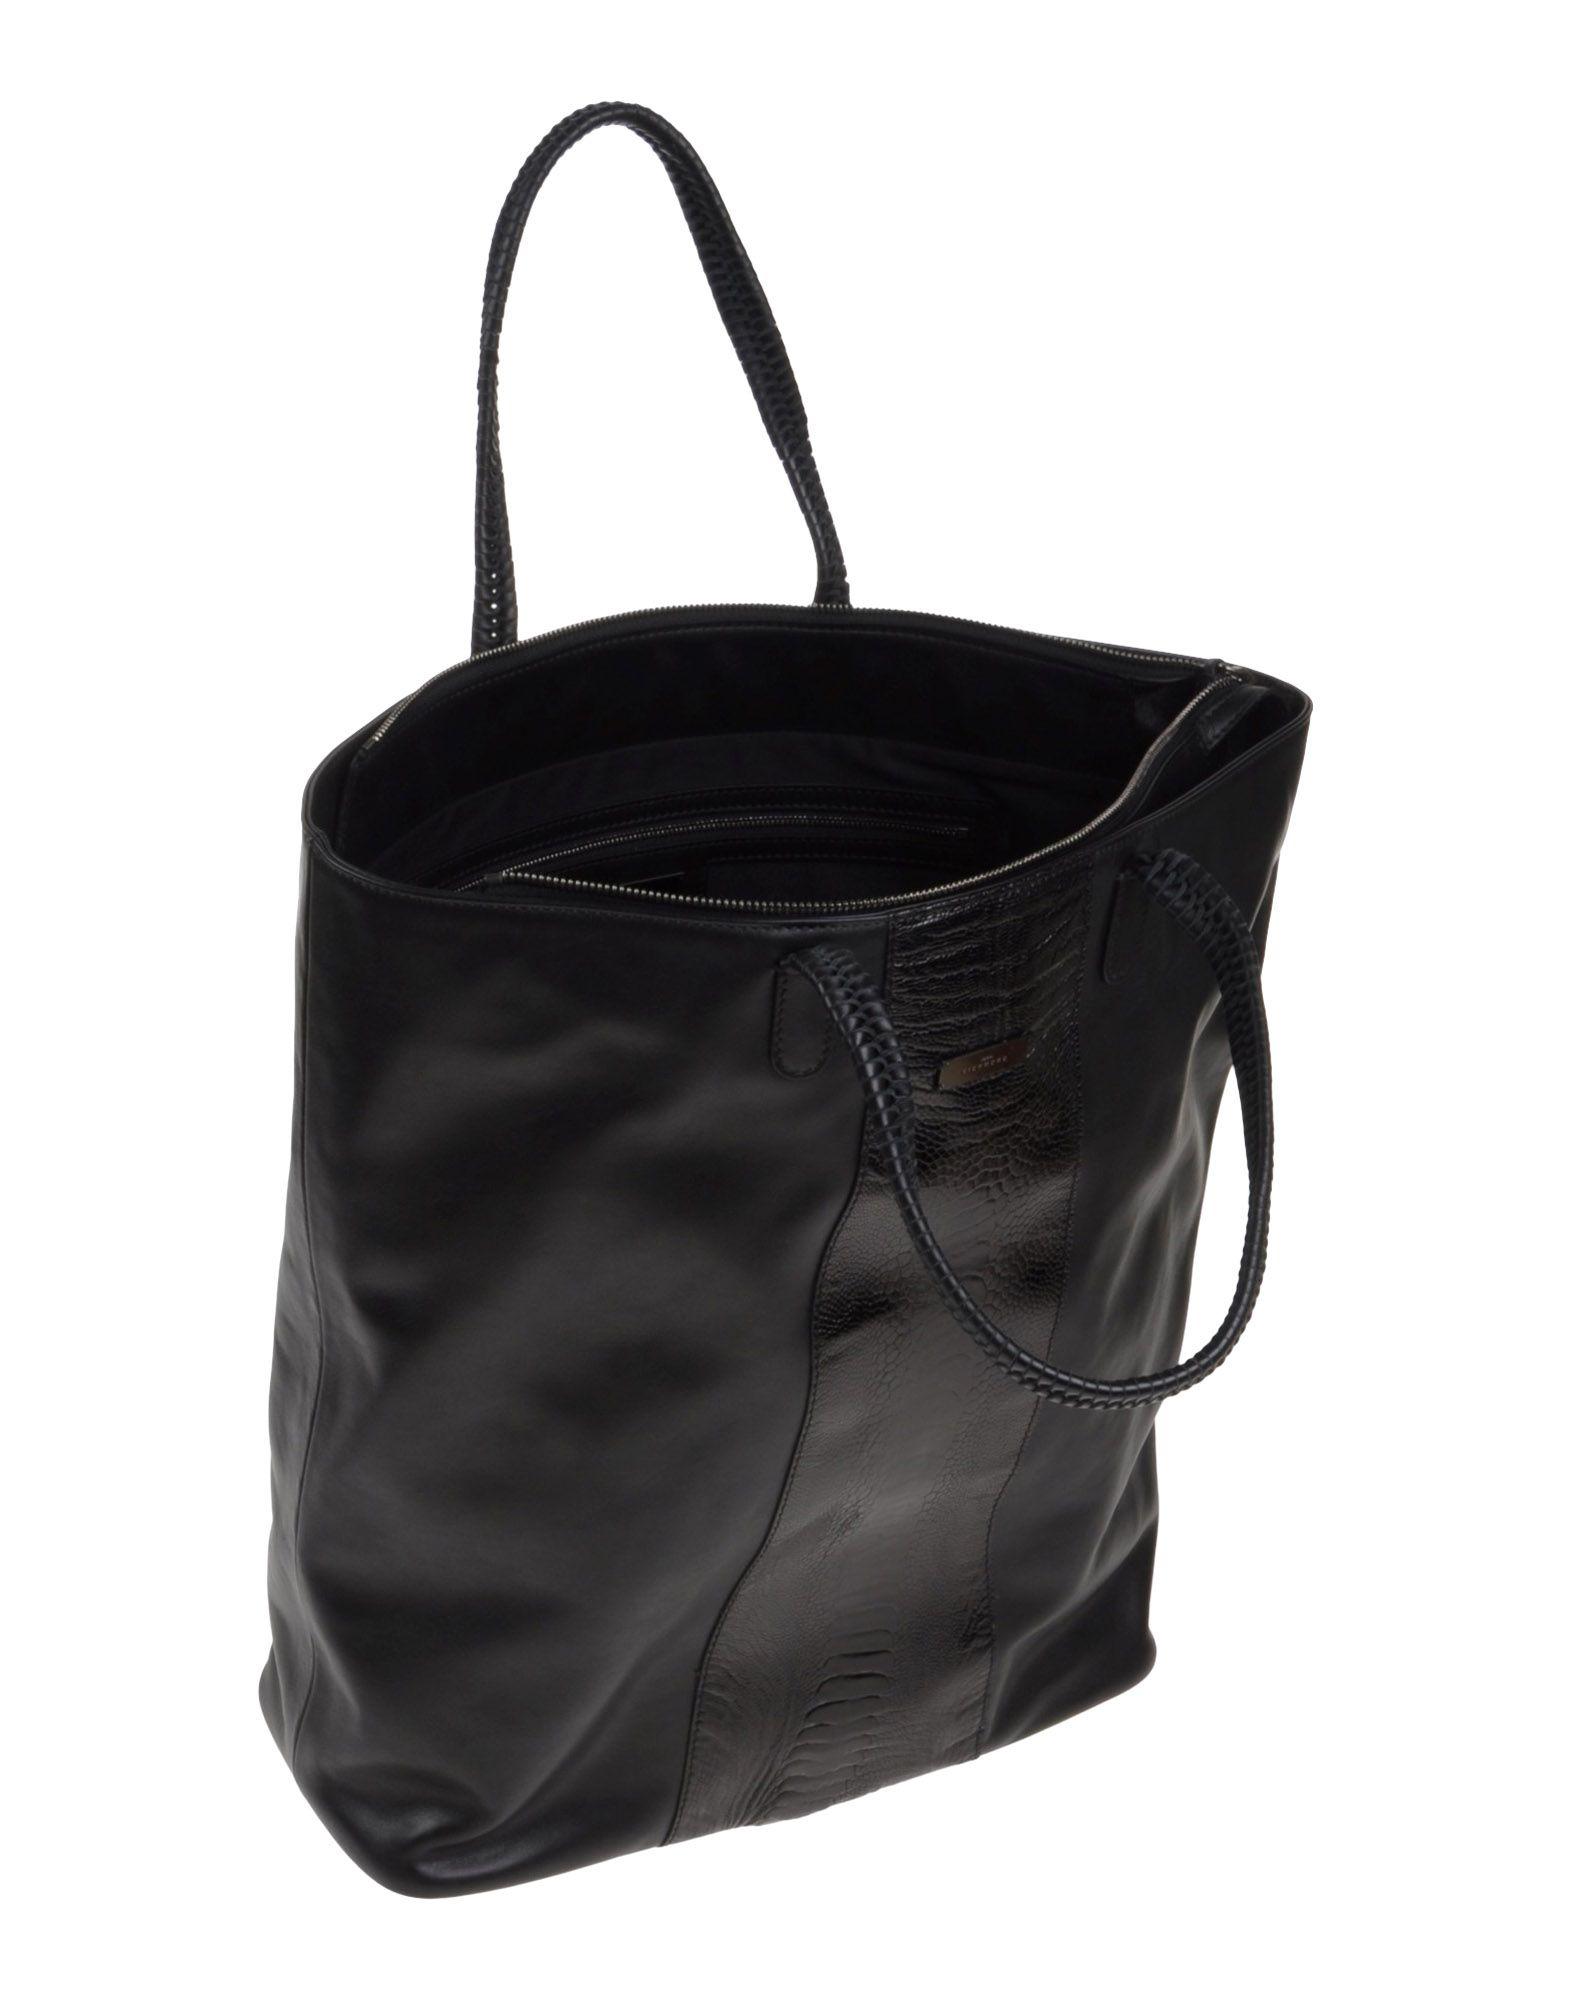 John richmond Handbag in Black for Men